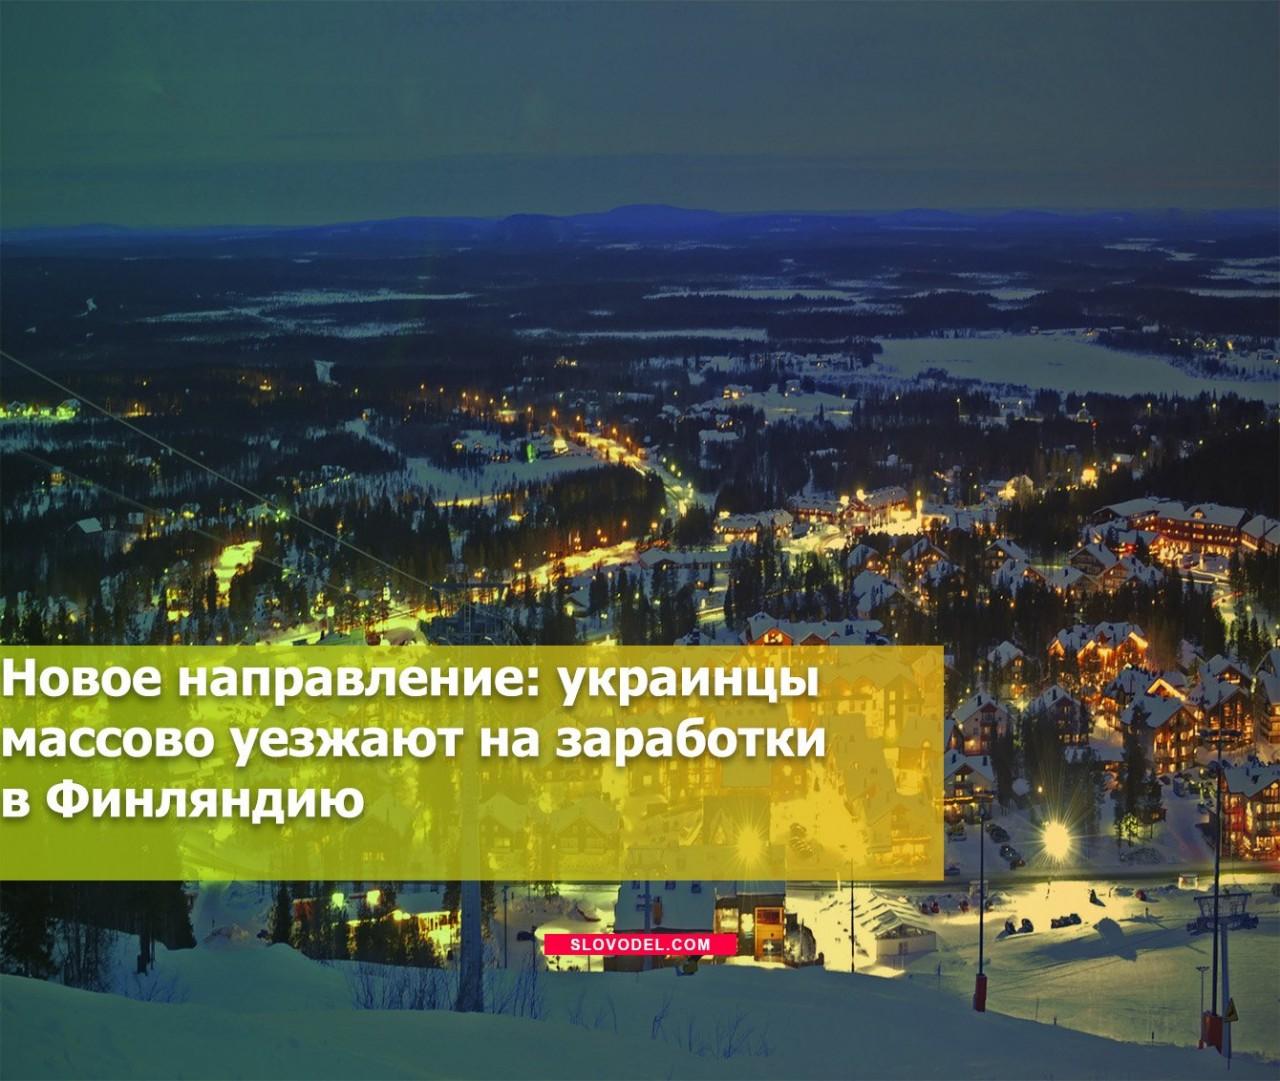 Новое направление: украинцы массово уезжают на заработки в Финляндию